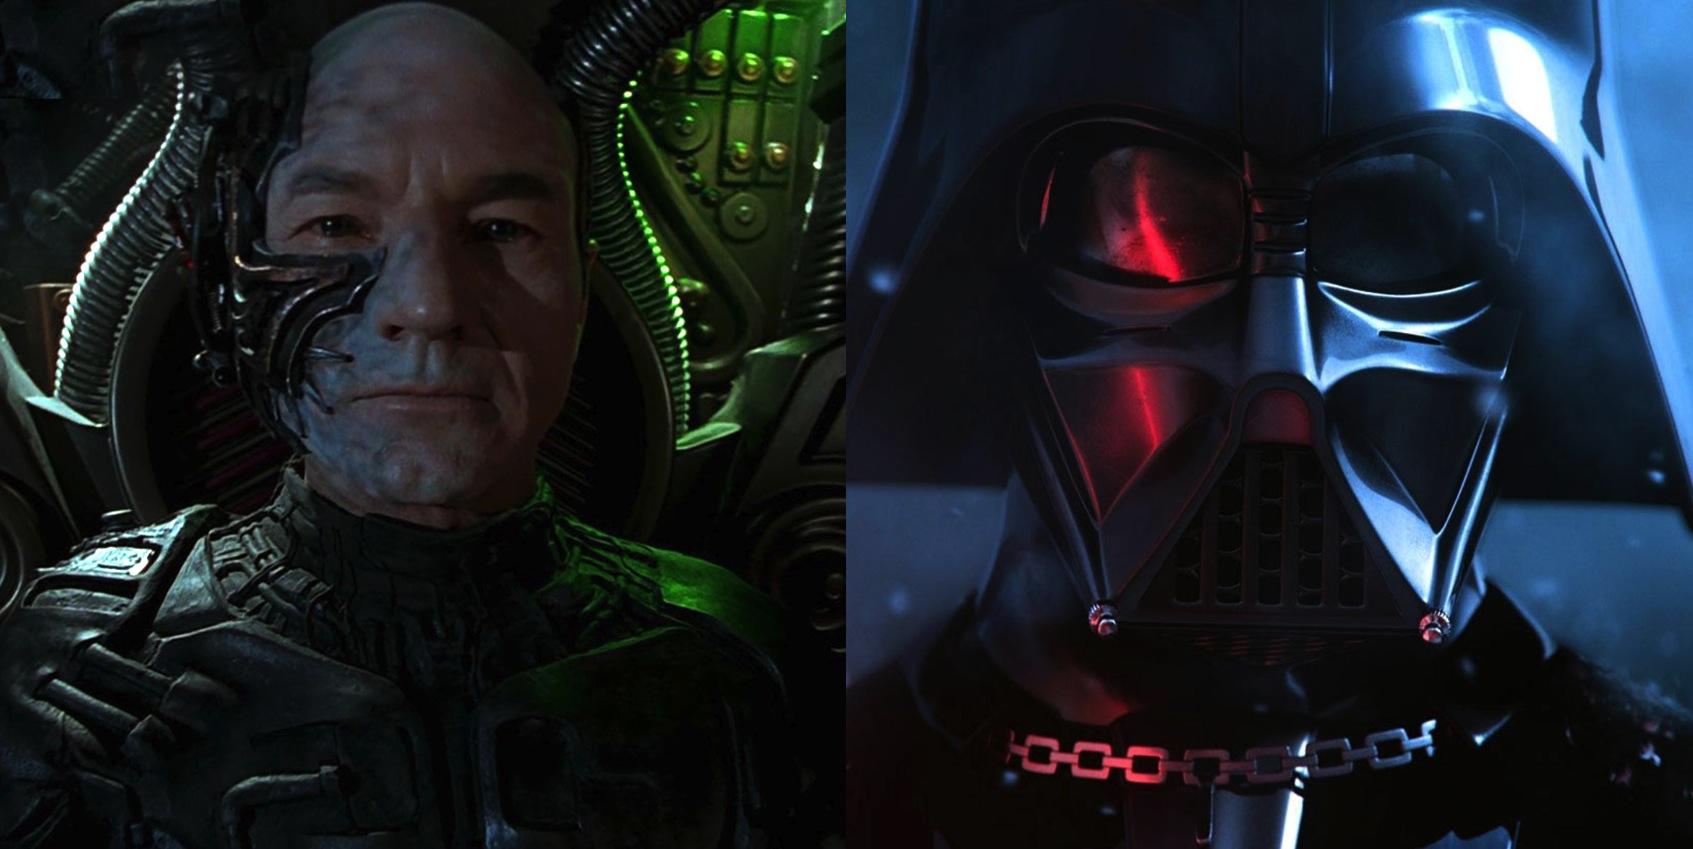 Borg versus Sith